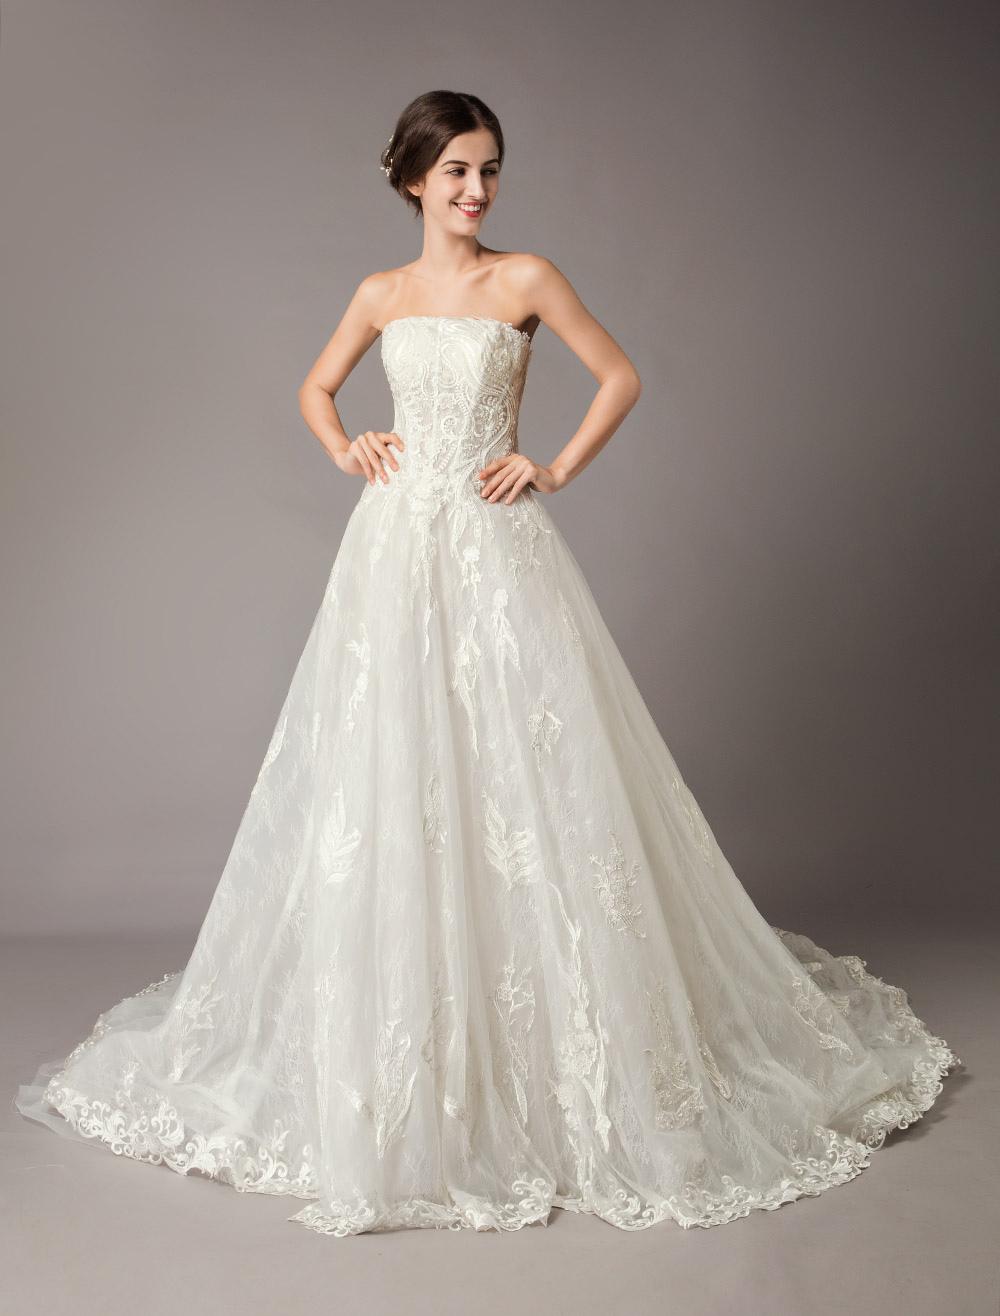 d986ce9332c5 ... Princess Wedding Dresses Detachable Sleeve Off Shoulder Lace Strapless  Ivory Chapel Train Bridal Gowns-No ...